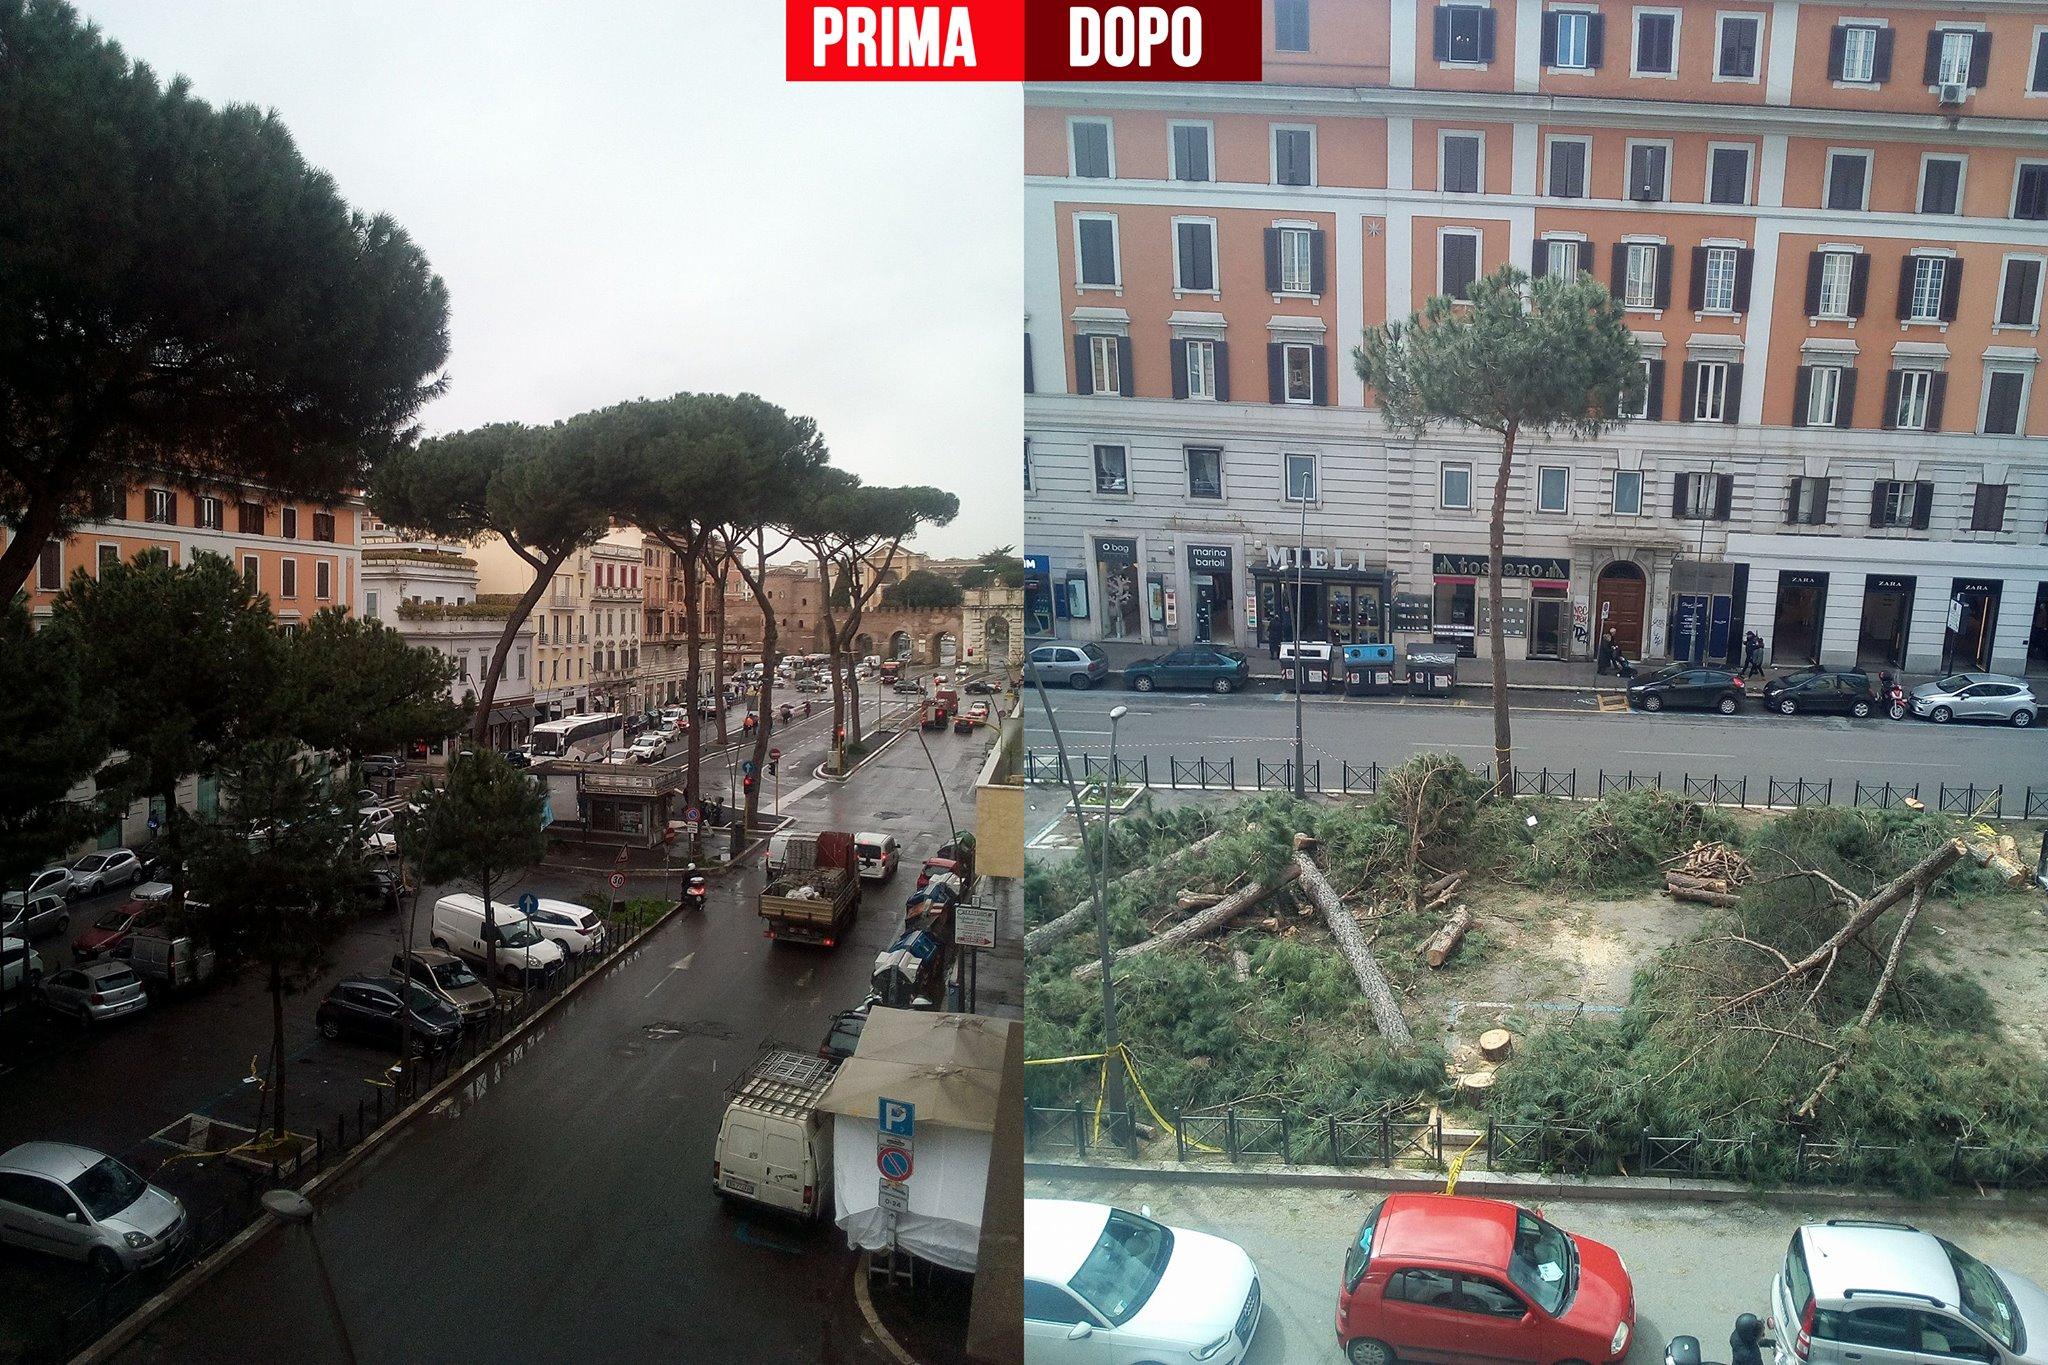 daniele diaco m5s roma capitozzatura alberi - 9